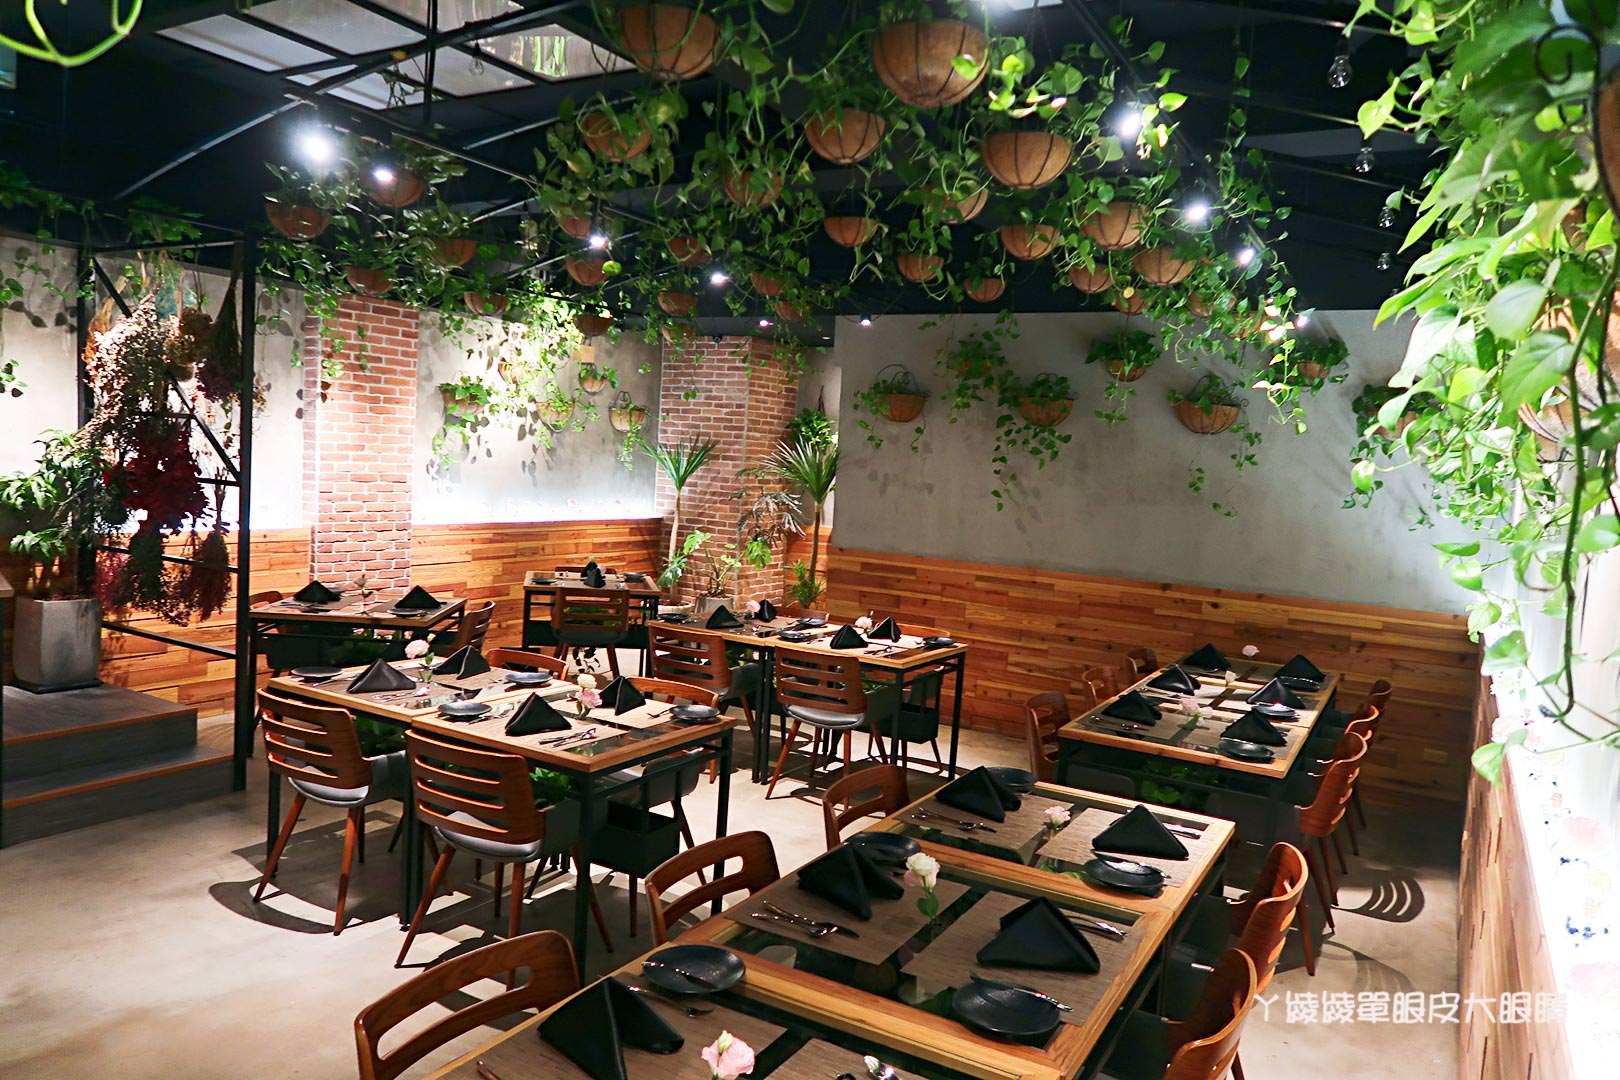 台北信義區美食推薦|Fujiflower義法餐廳松菸店,捷運市政府站